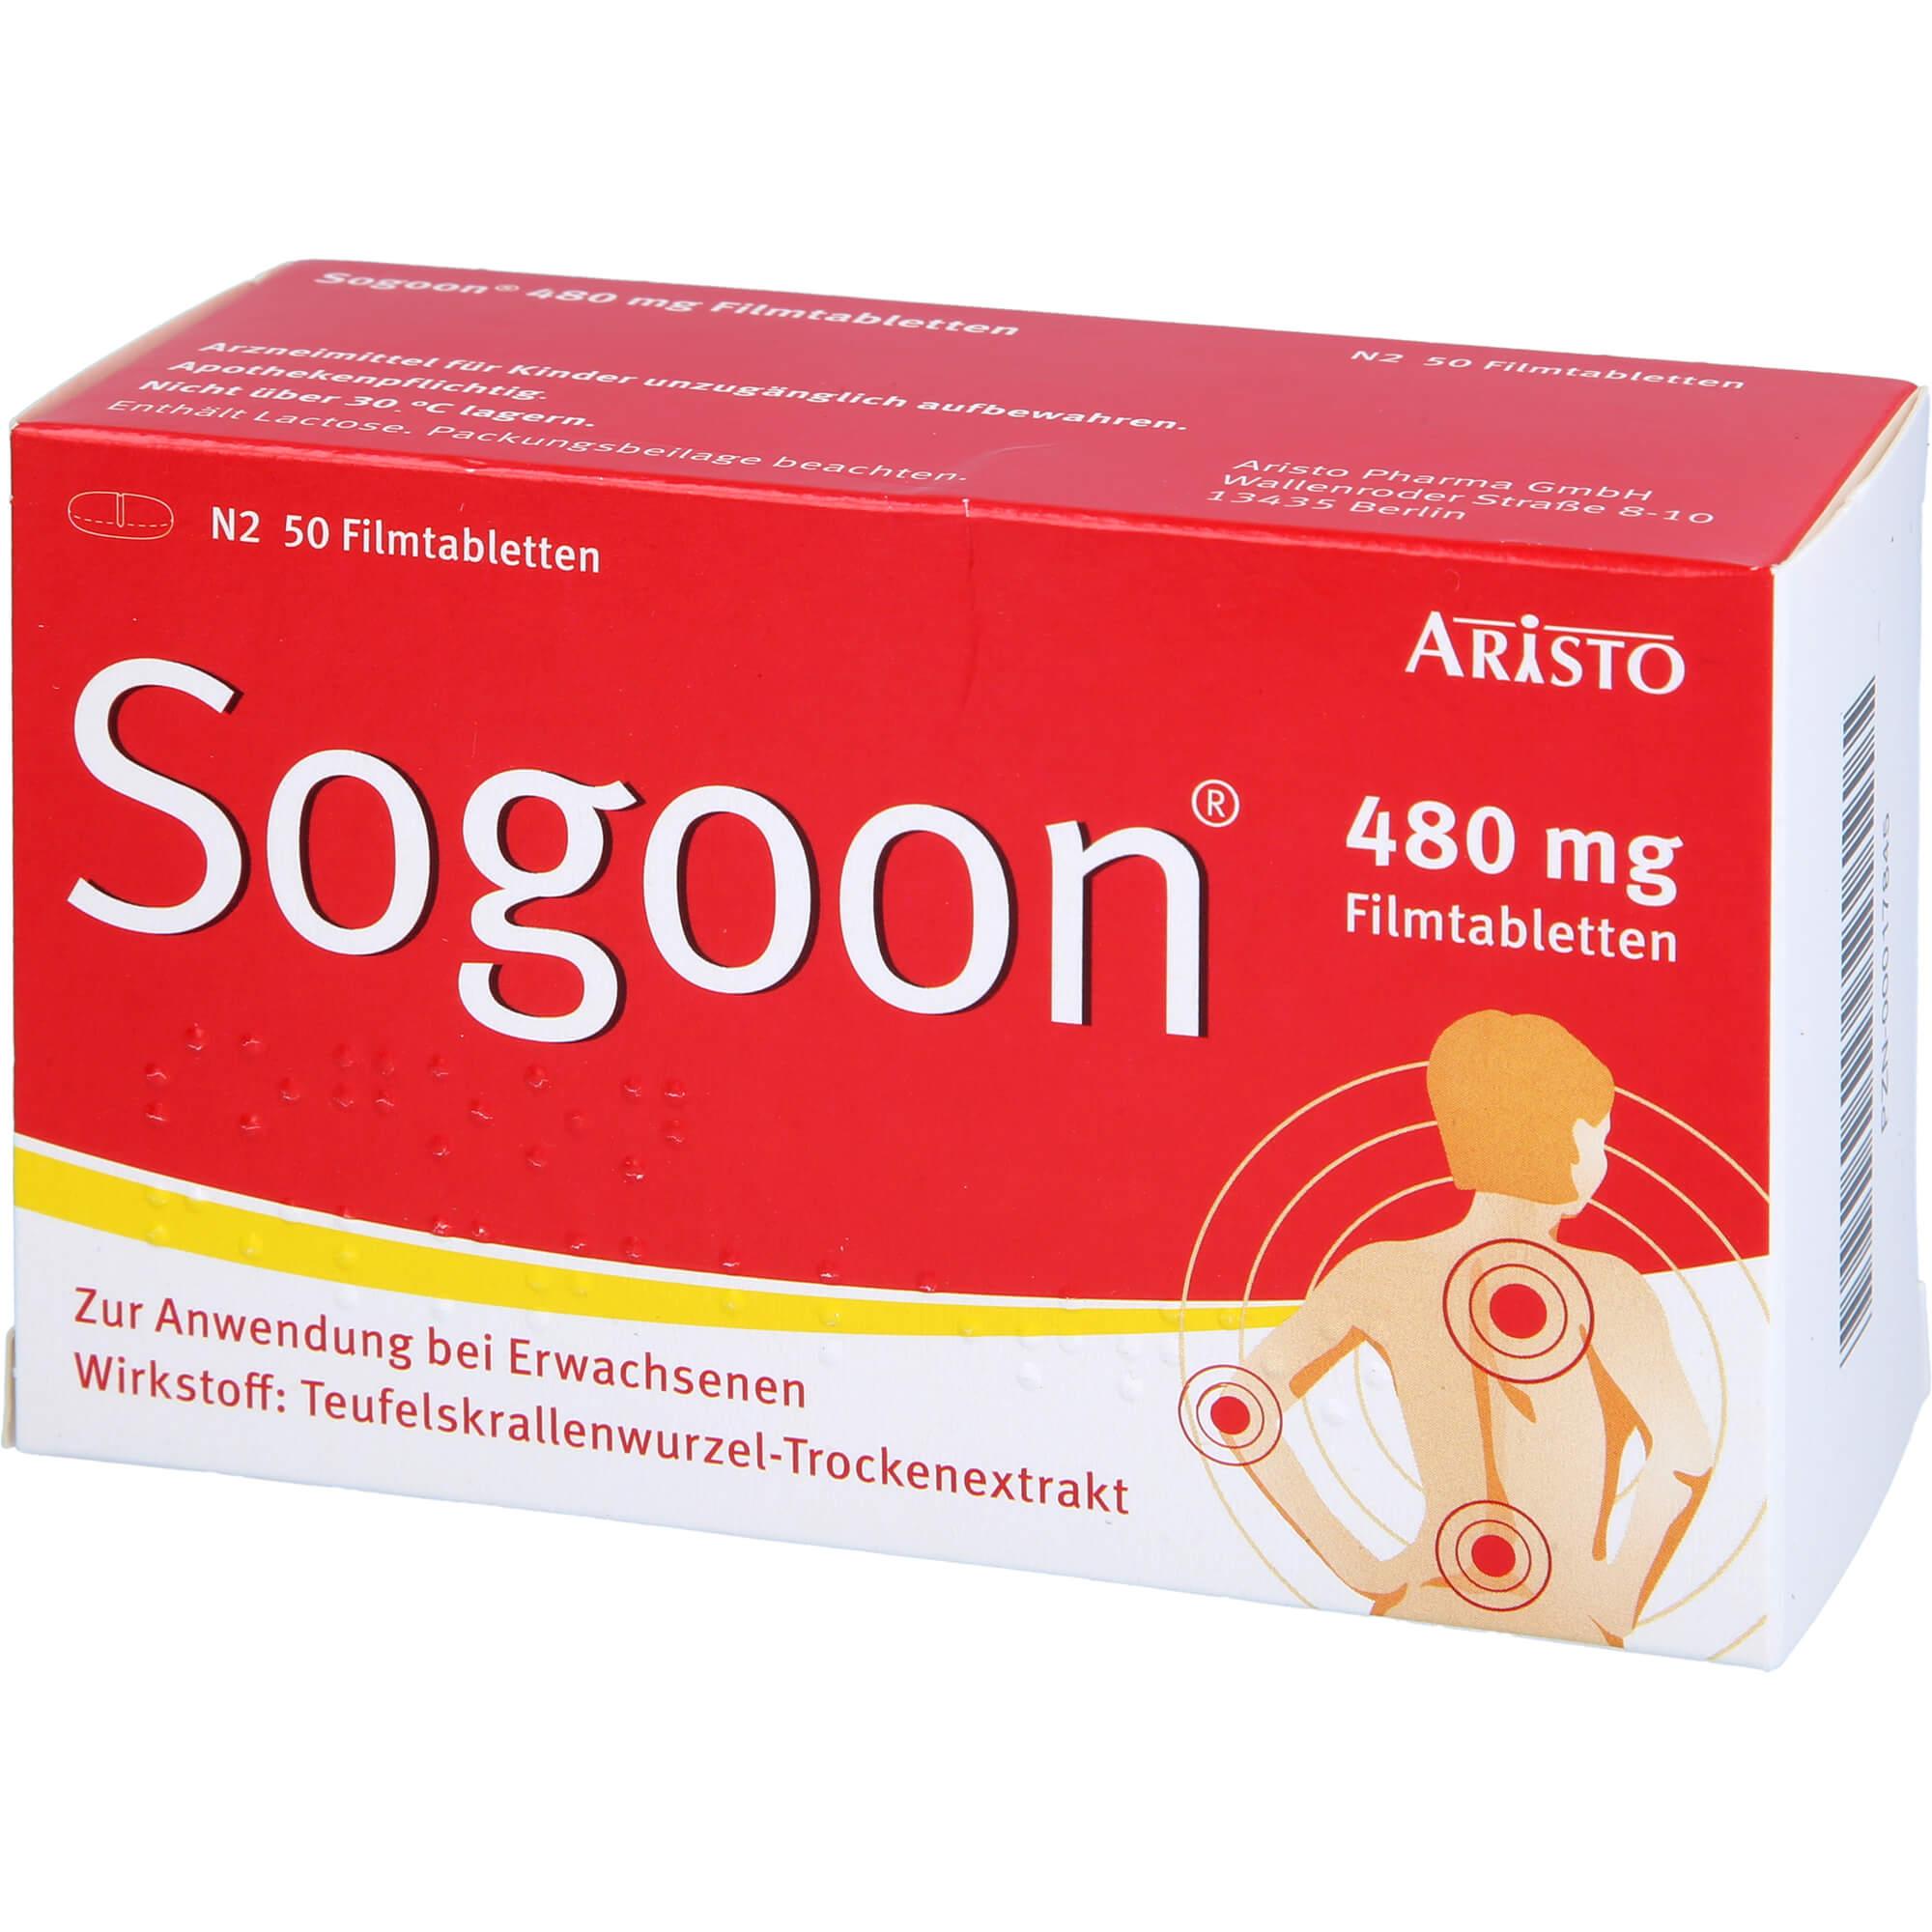 SOGOON Filmtabletten